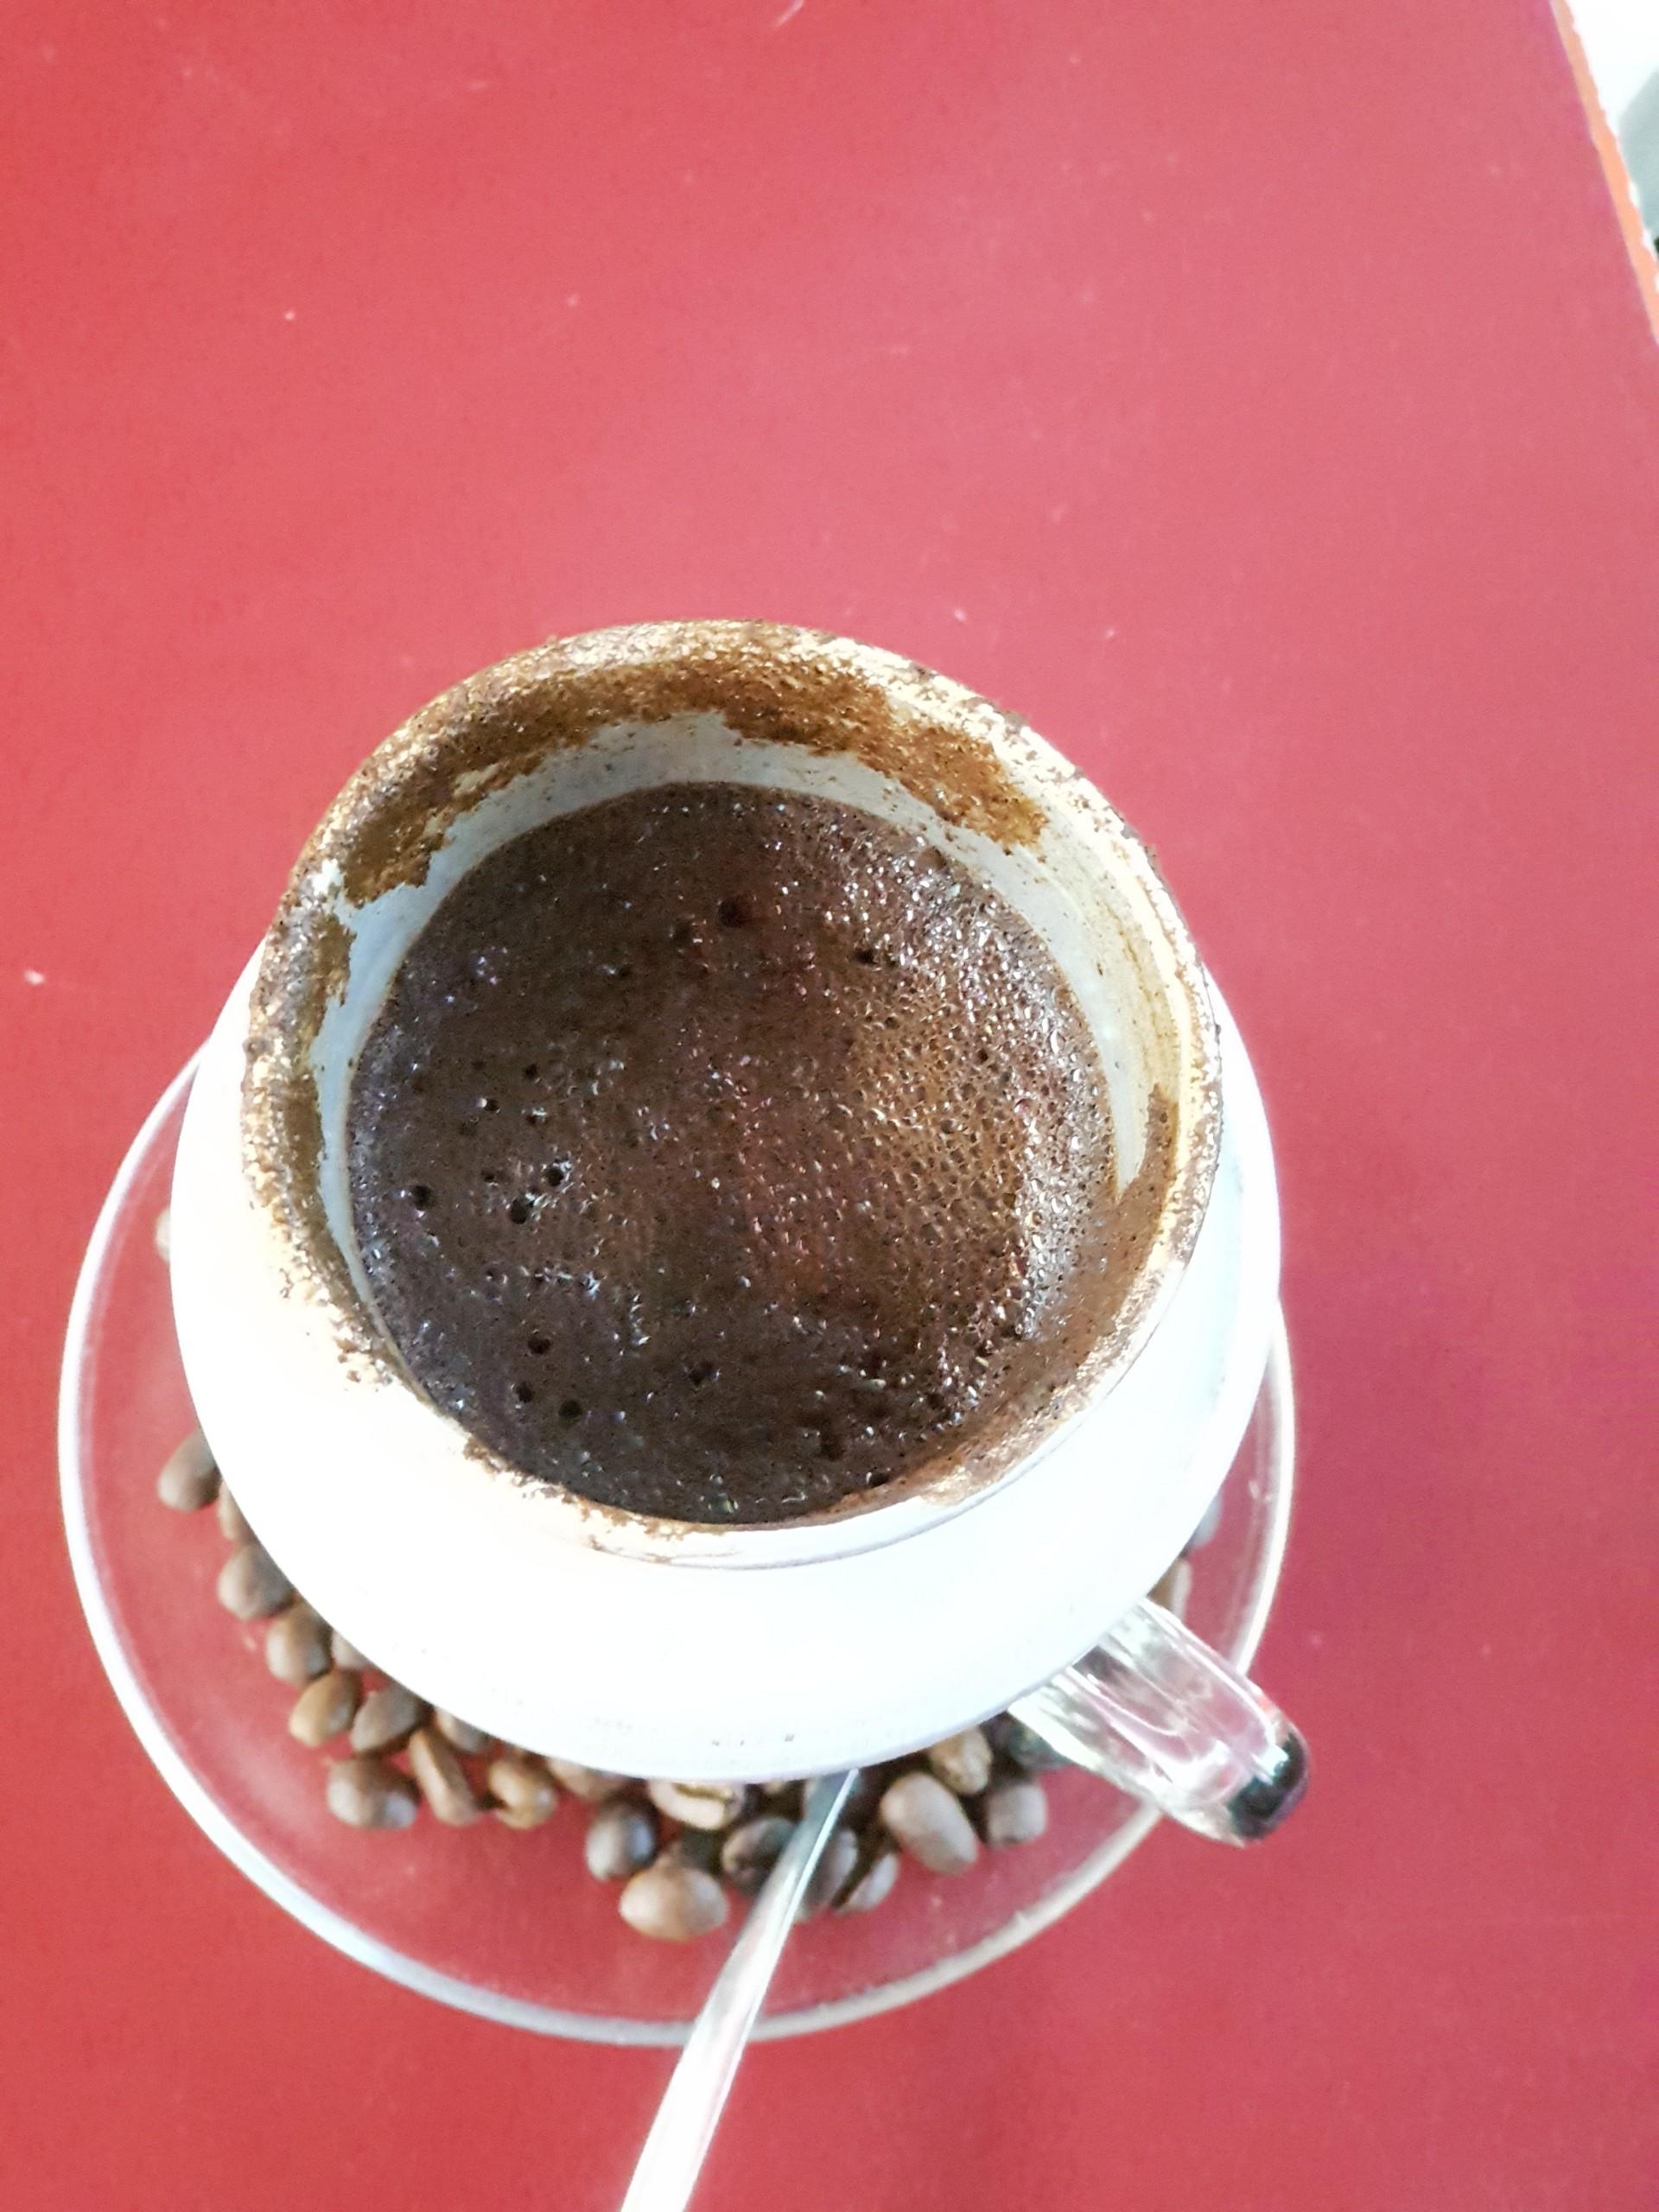 Nước dùng để pha chế cà phê sữa đá sẽ ảnh hưởng trực tiếp tới hương vị của ly cà phê